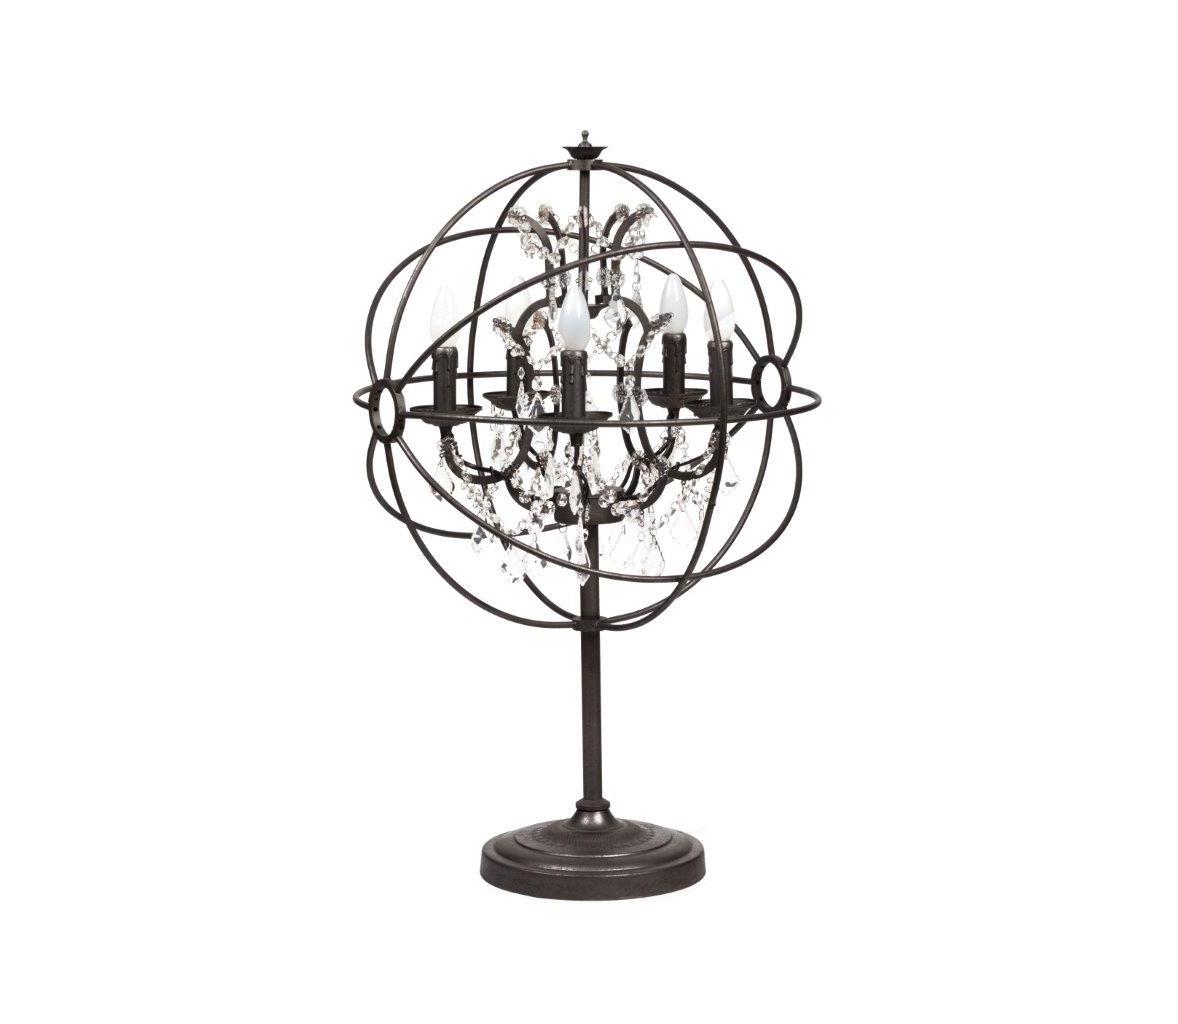 Настольная лампа Foucaults Orb CrystalНастольные лампы<br>Как правило, подобрать подходящий под стиль светильник при создании средневекового стиля непросто, ведь мало производителей берутся за изготовление осветительных приборов, чей образ не пользуется сегодня широкой популярностью. Но настольная лампа Foucault&amp;#39;s Orb — это именно то, что максимально точно вольется в интерьер вашей комнаты и поможет воссоздать средневековую атмосферу в полной мере. Настольная лампа — без абажура, вместо него — металлические сферы, вместо одного — целый букет из пяти подсвечников. Светильник для любителей простых, но в то же время изобретательно исполненных решений. В основе конструкции лампы лежит металл, поэтому её каркас устойчивый и прочный. Искусственные свечи соединяют воедино современность и средние века, что является довольно креативным решением. Лампа Foucault&amp;#39;s Orb создаст мягкий свет и не будет напрягать своей яркостью и резкостью, поэтому идеально впишется в любое помещение. Предназначена для использования со светодиодными лампами.&amp;lt;div&amp;gt;&amp;lt;br&amp;gt;&amp;lt;/div&amp;gt;&amp;lt;div&amp;gt;&amp;lt;div style=&amp;quot;line-height: 24.9999px;&amp;quot;&amp;gt;Цоколь: E27&amp;lt;/div&amp;gt;&amp;lt;div style=&amp;quot;line-height: 24.9999px;&amp;quot;&amp;gt;Мощность лампы: 40W&amp;lt;/div&amp;gt;&amp;lt;div style=&amp;quot;line-height: 24.9999px;&amp;quot;&amp;gt;Количество ламп: 5&amp;lt;/div&amp;gt;&amp;lt;/div&amp;gt;<br><br>Material: Хрусталь<br>Width см: 55<br>Depth см: 40<br>Height см: 30